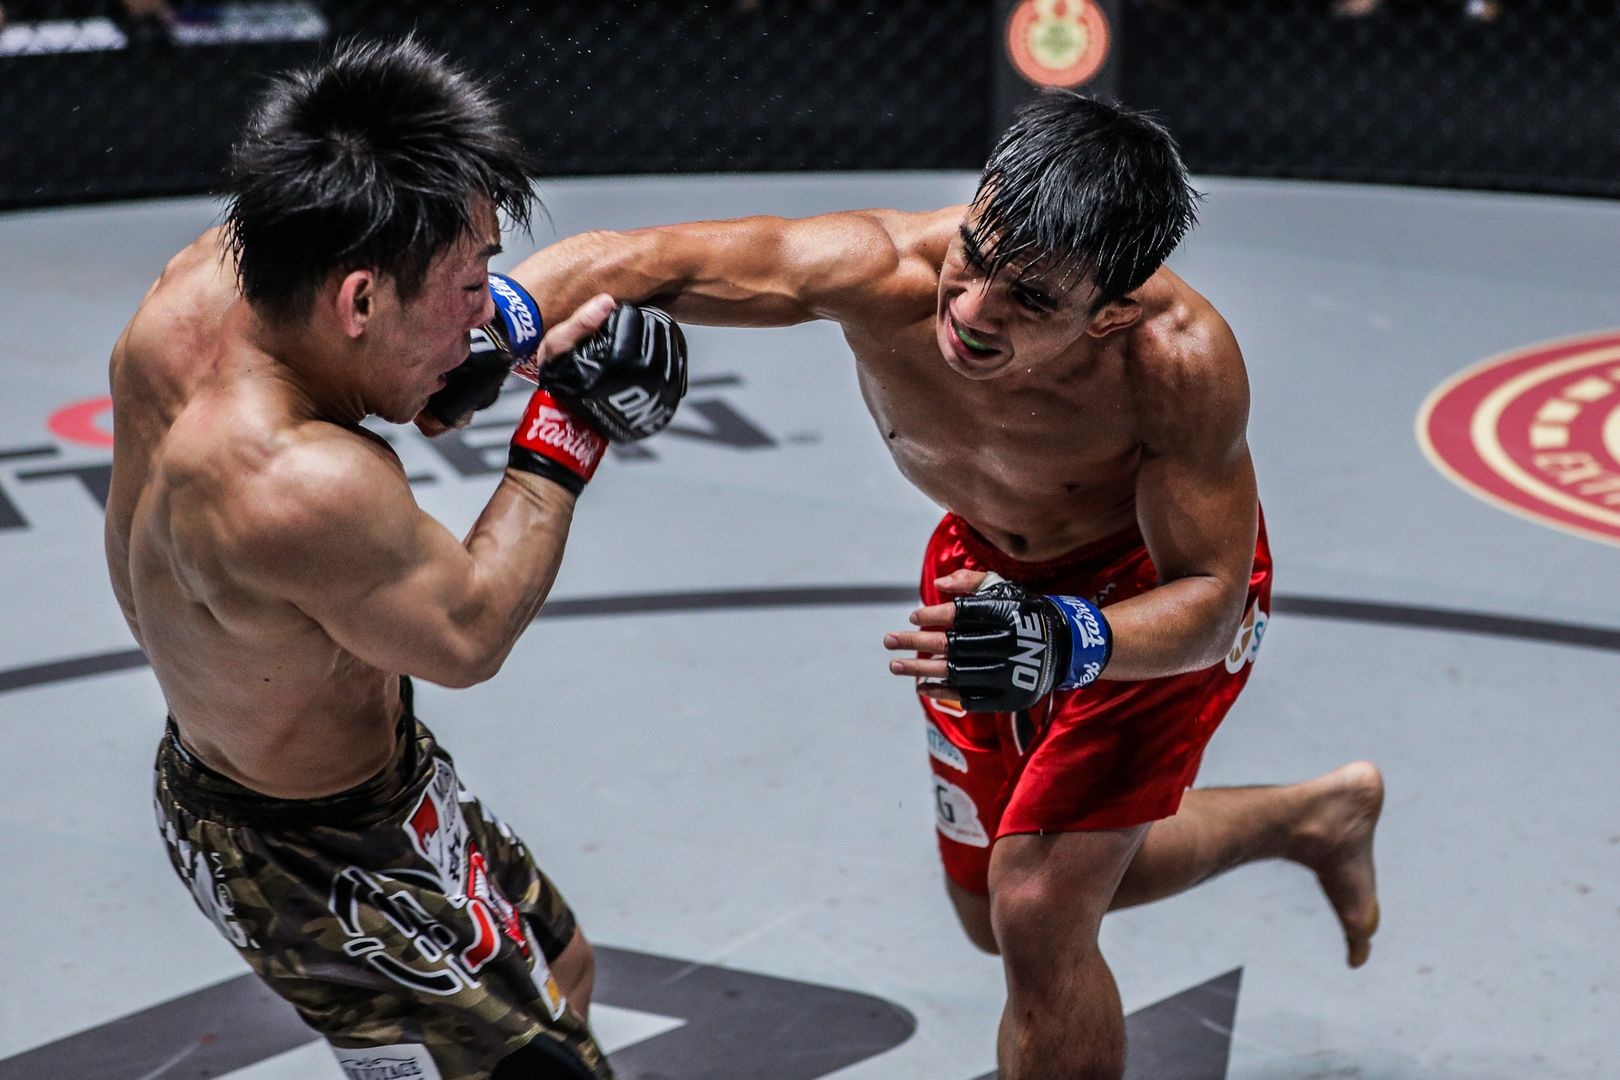 Filipino MMA fighter Joshua Pacio punches Yosuke Saruta